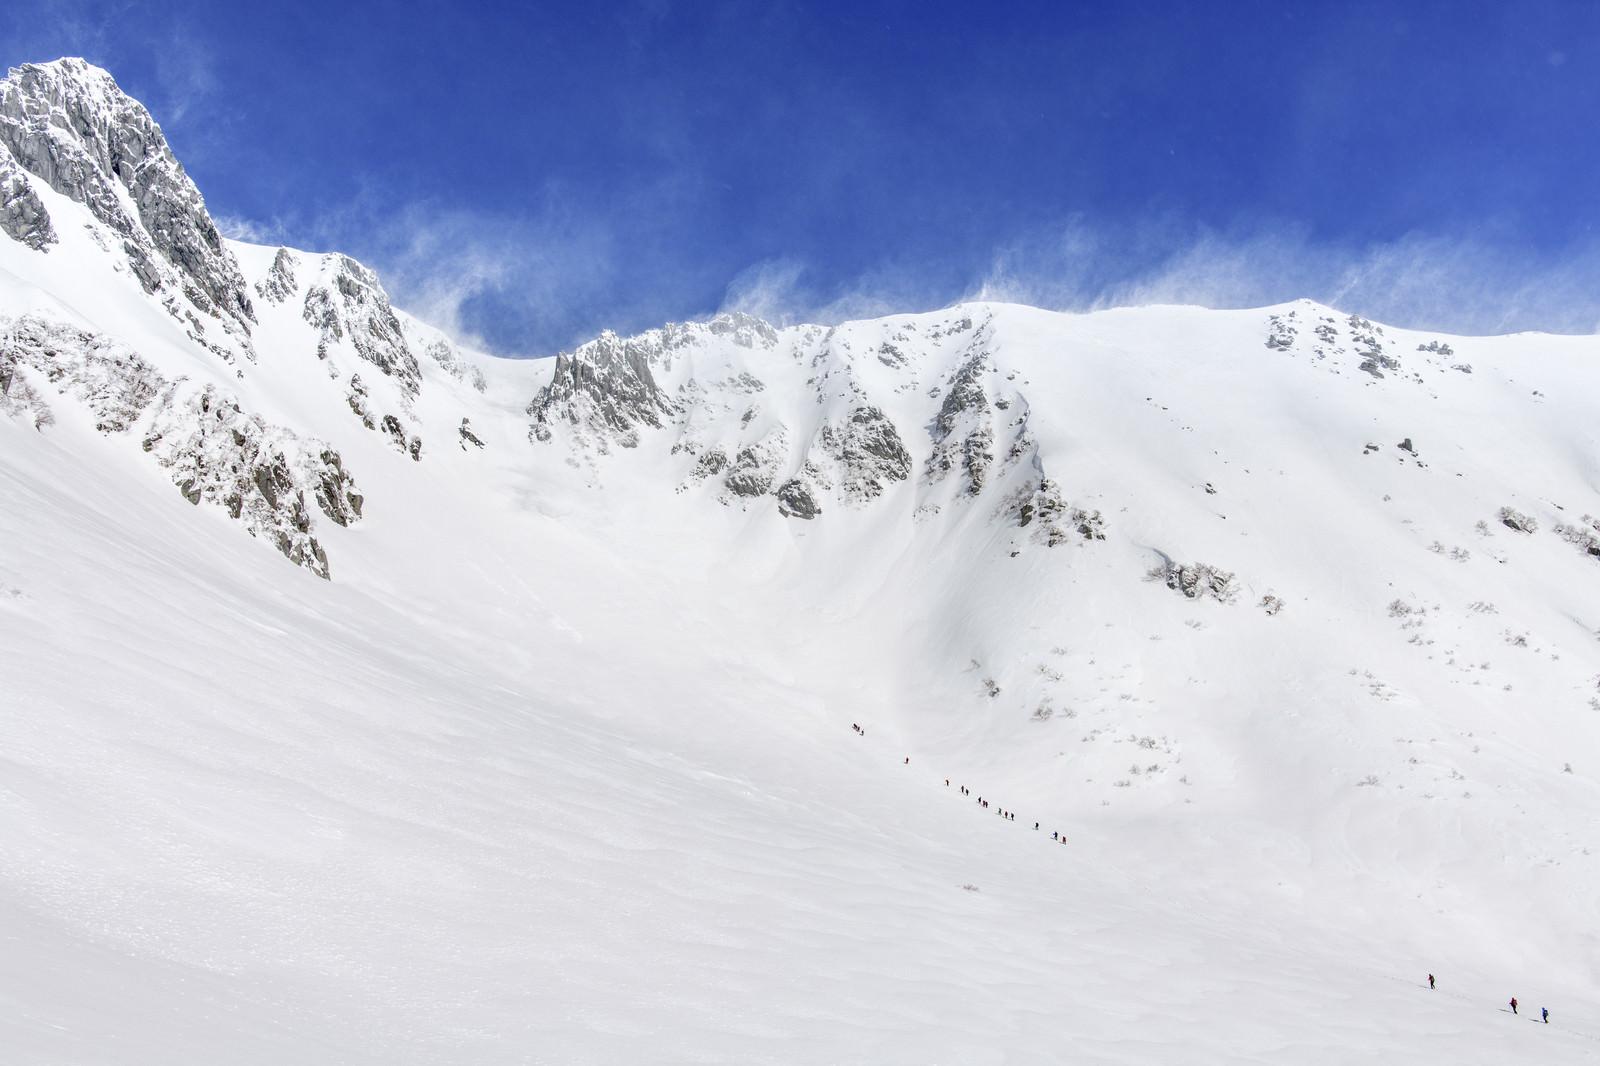 「強風の千畳敷カール(中央アルプス)」の写真